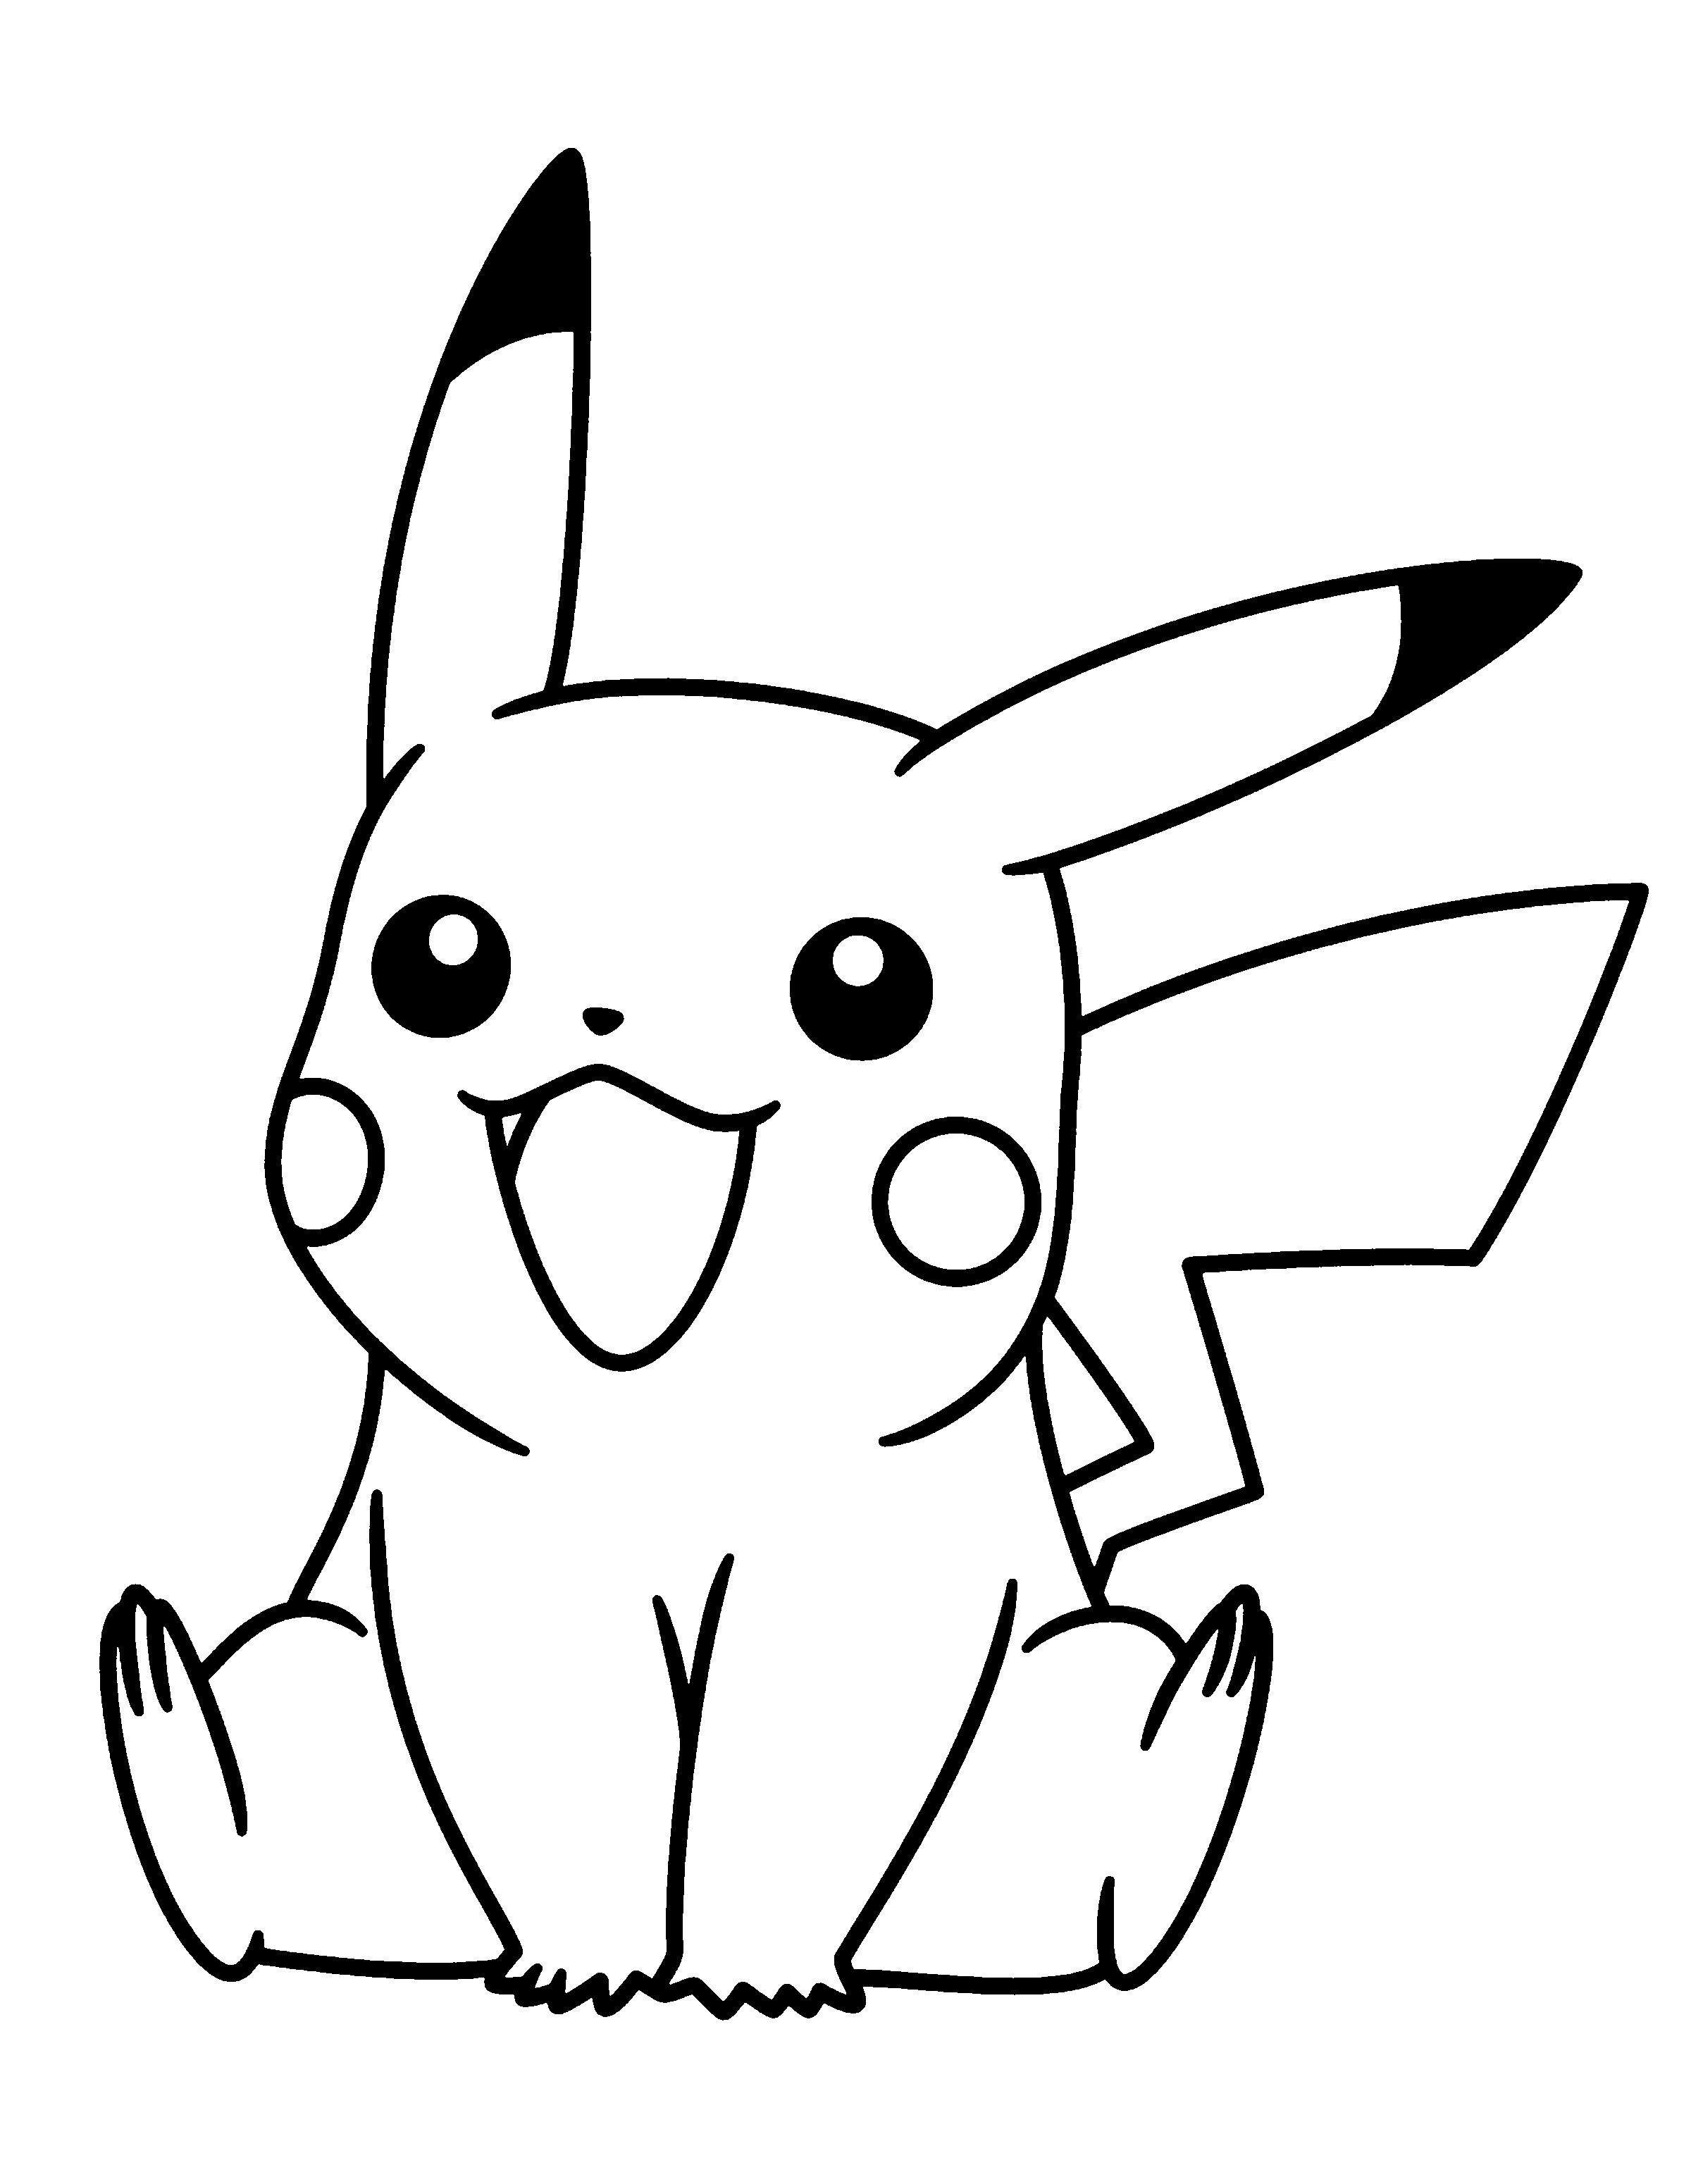 Ausmalbilder Pokemon sonne Und Mond Genial 9 Inspirational Ausmalbilder Pokemon Pummeluff Bild